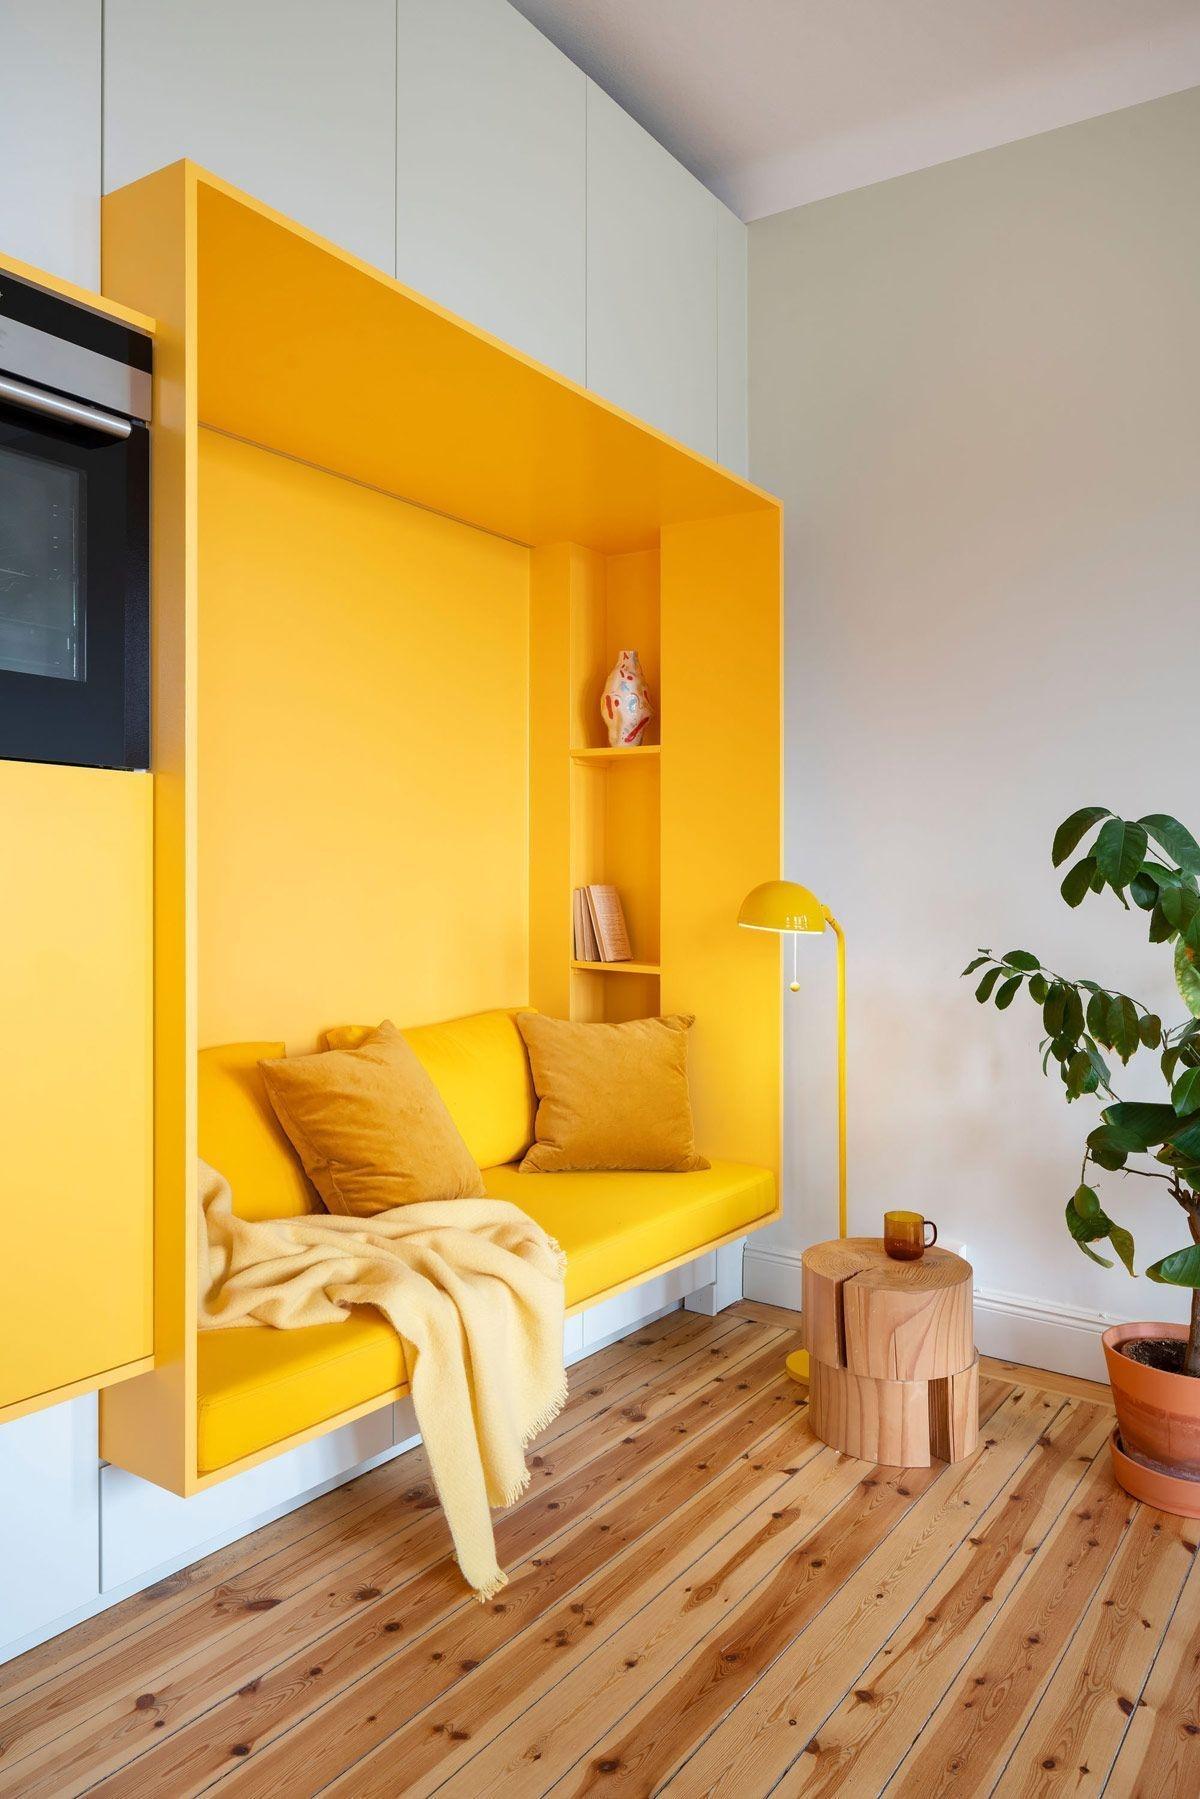 Amazing Bedroom Interior Design Ideas To Try27